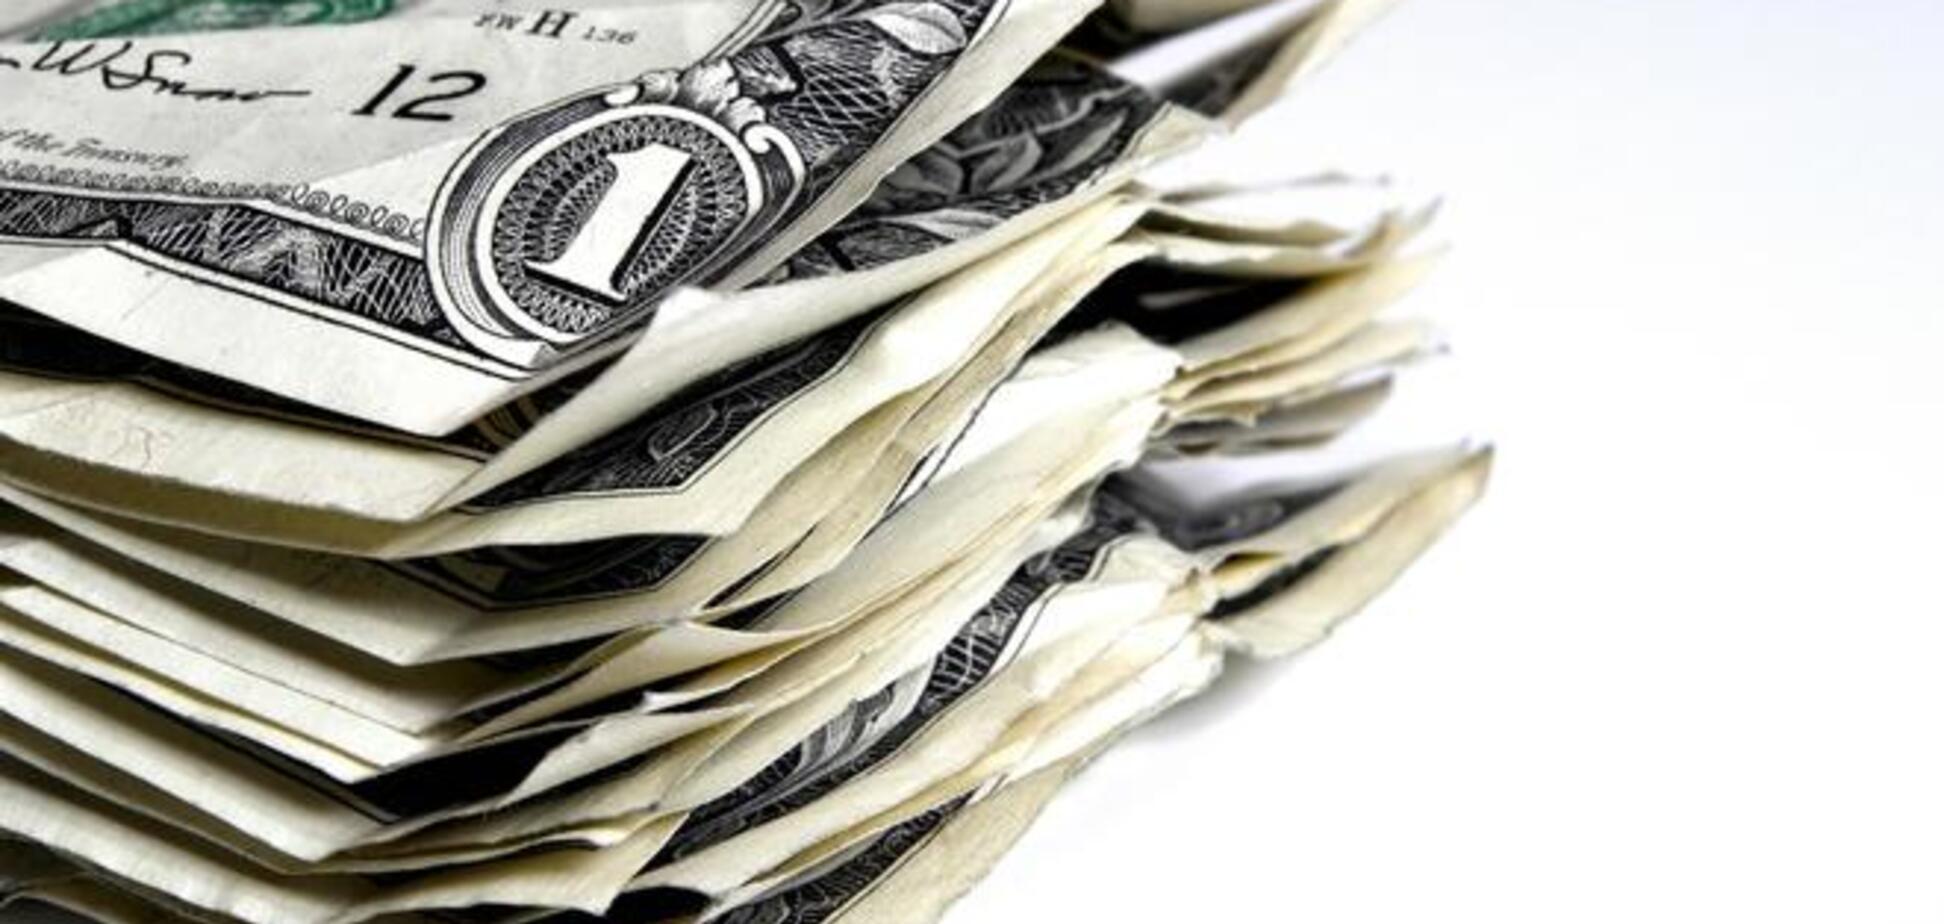 Доллар в Украине уже продают по 12.25 грн